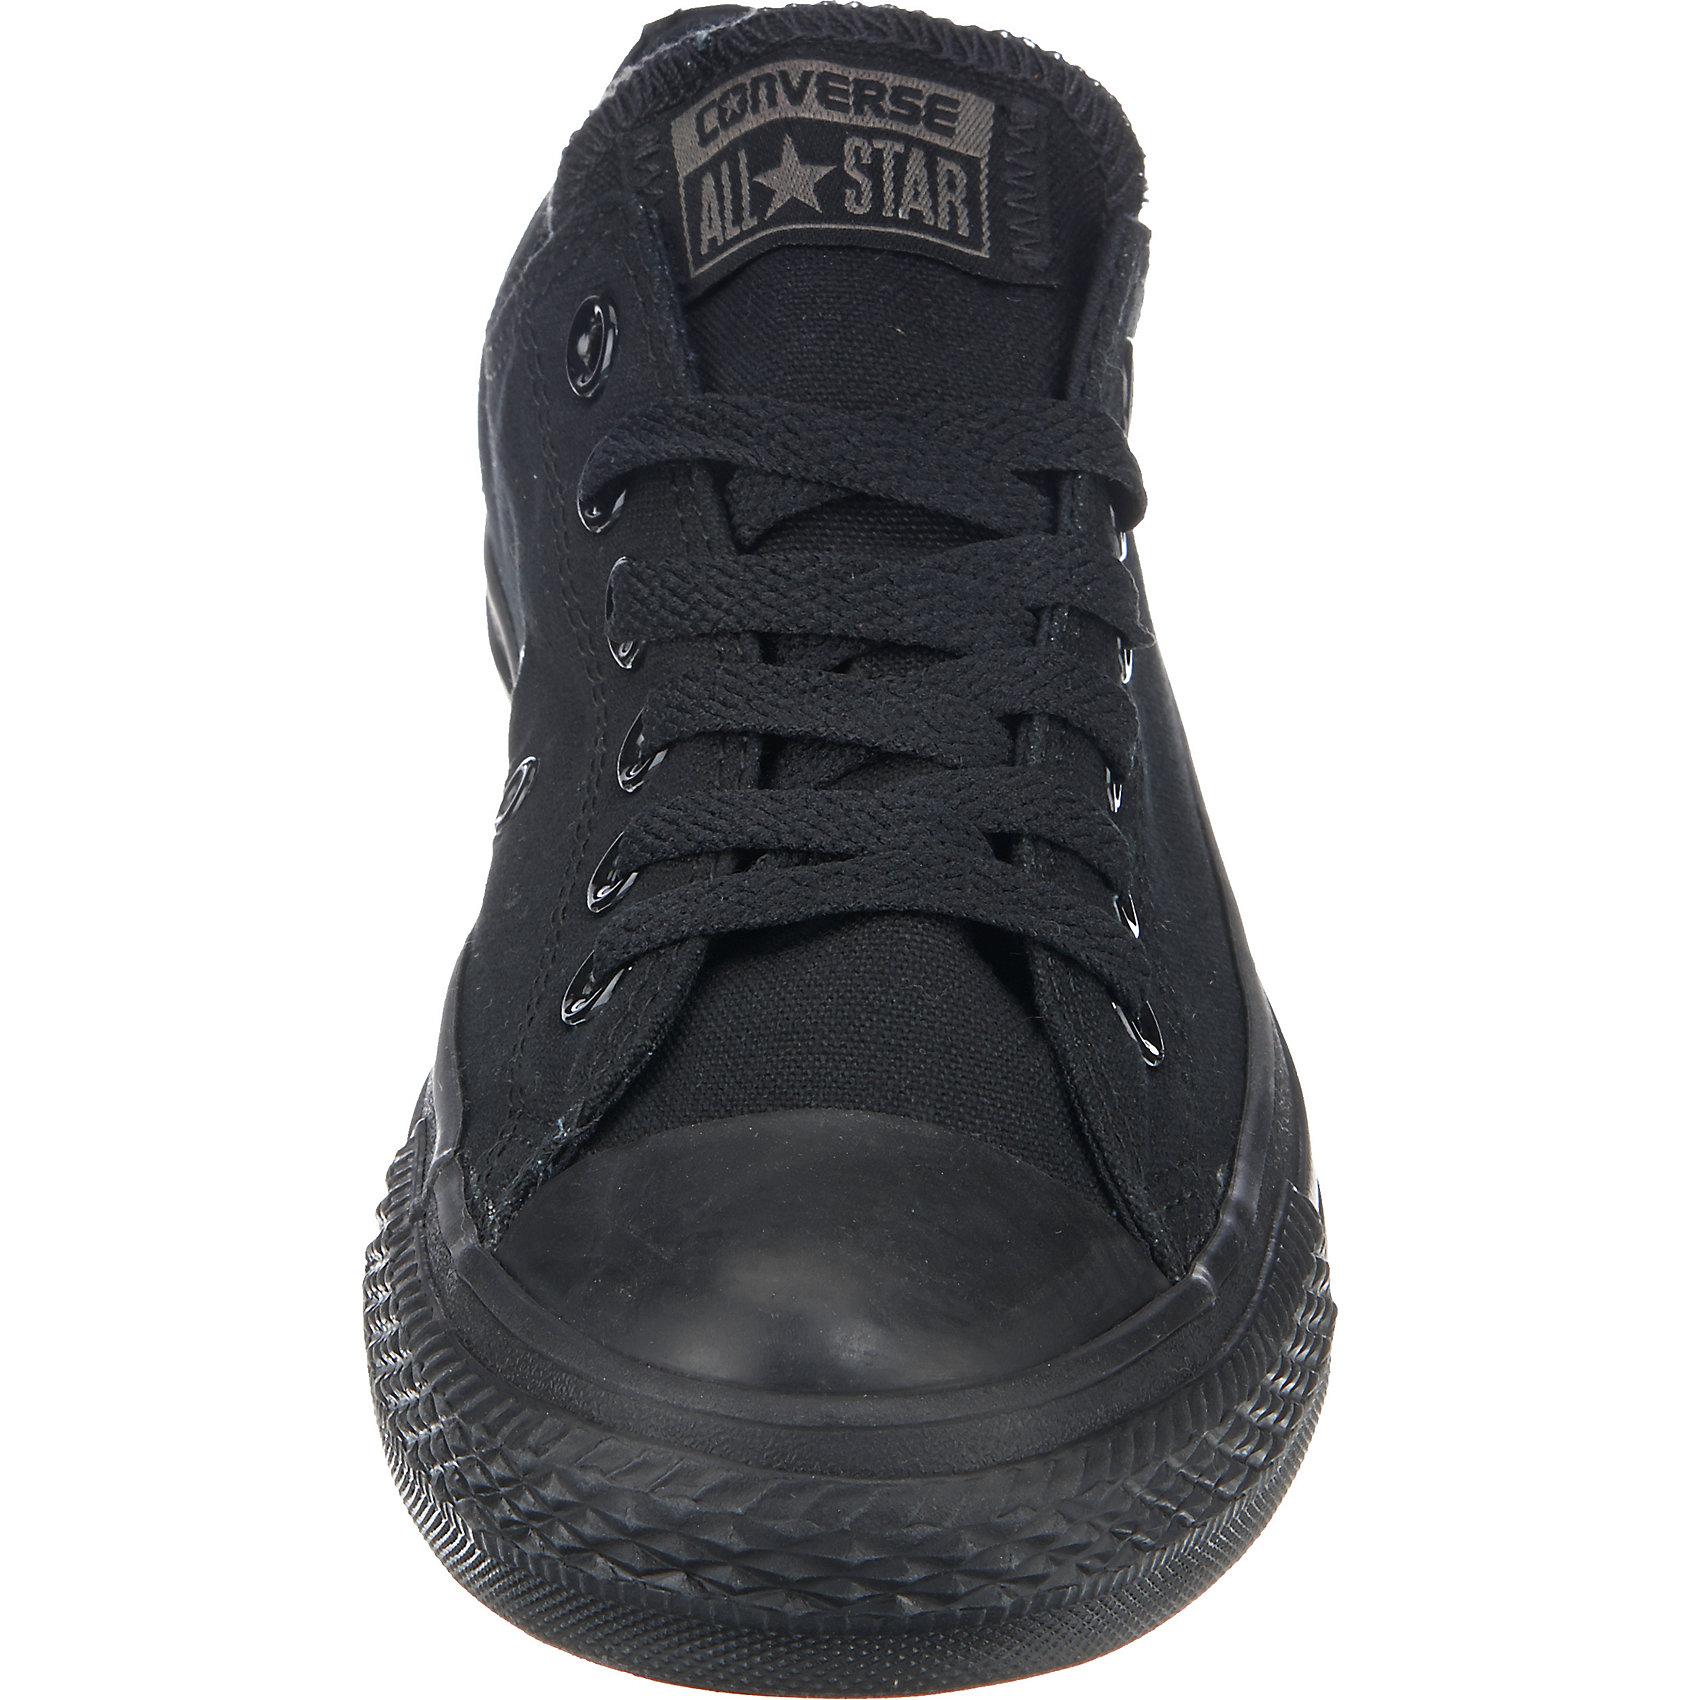 Neu CONVERSE Chuck Taylor All Star für Ox Sneakers Low 5740486 für Star Herren und Damen c52e0a